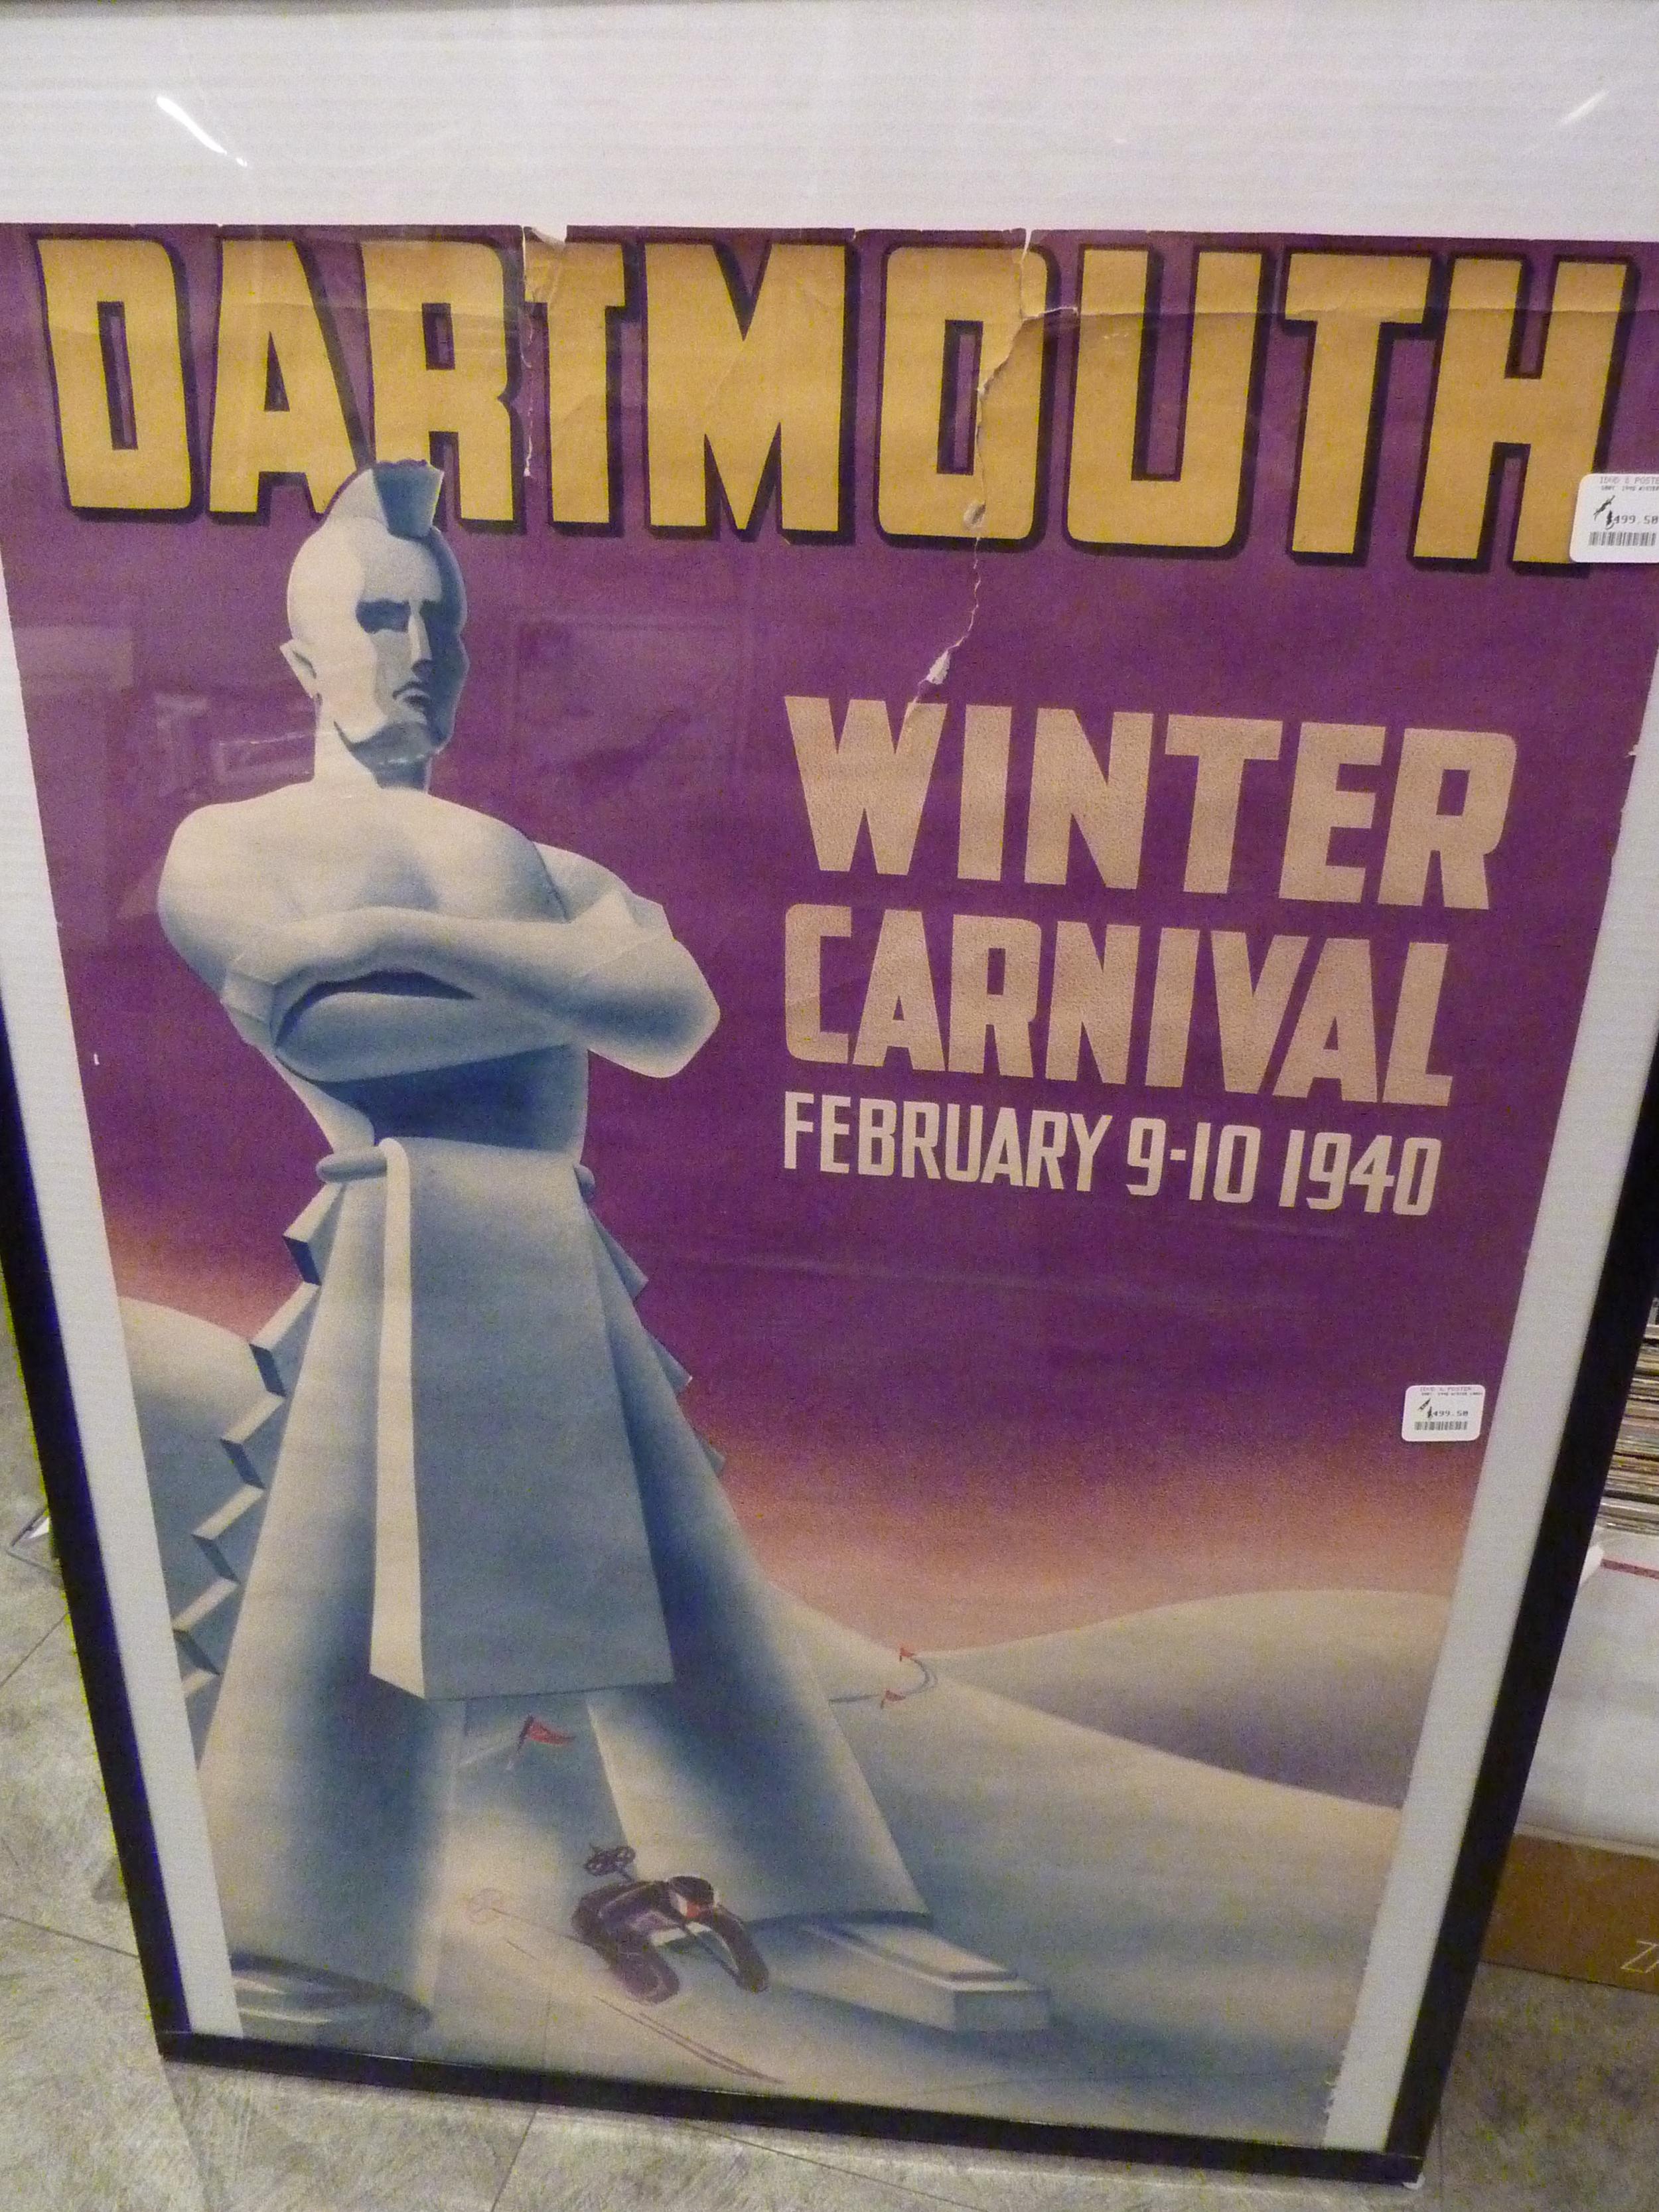 Dartmouth Winter Carnival 1940